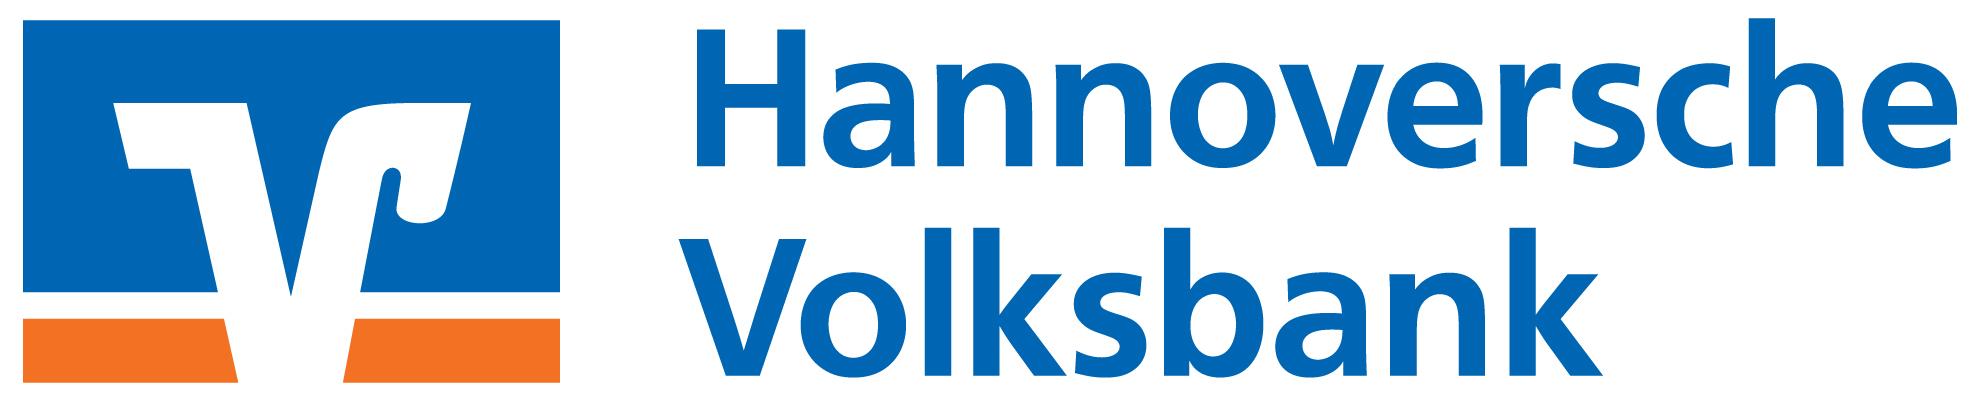 Hannoversche Volksbank eG BeratungsCenter Helstorf